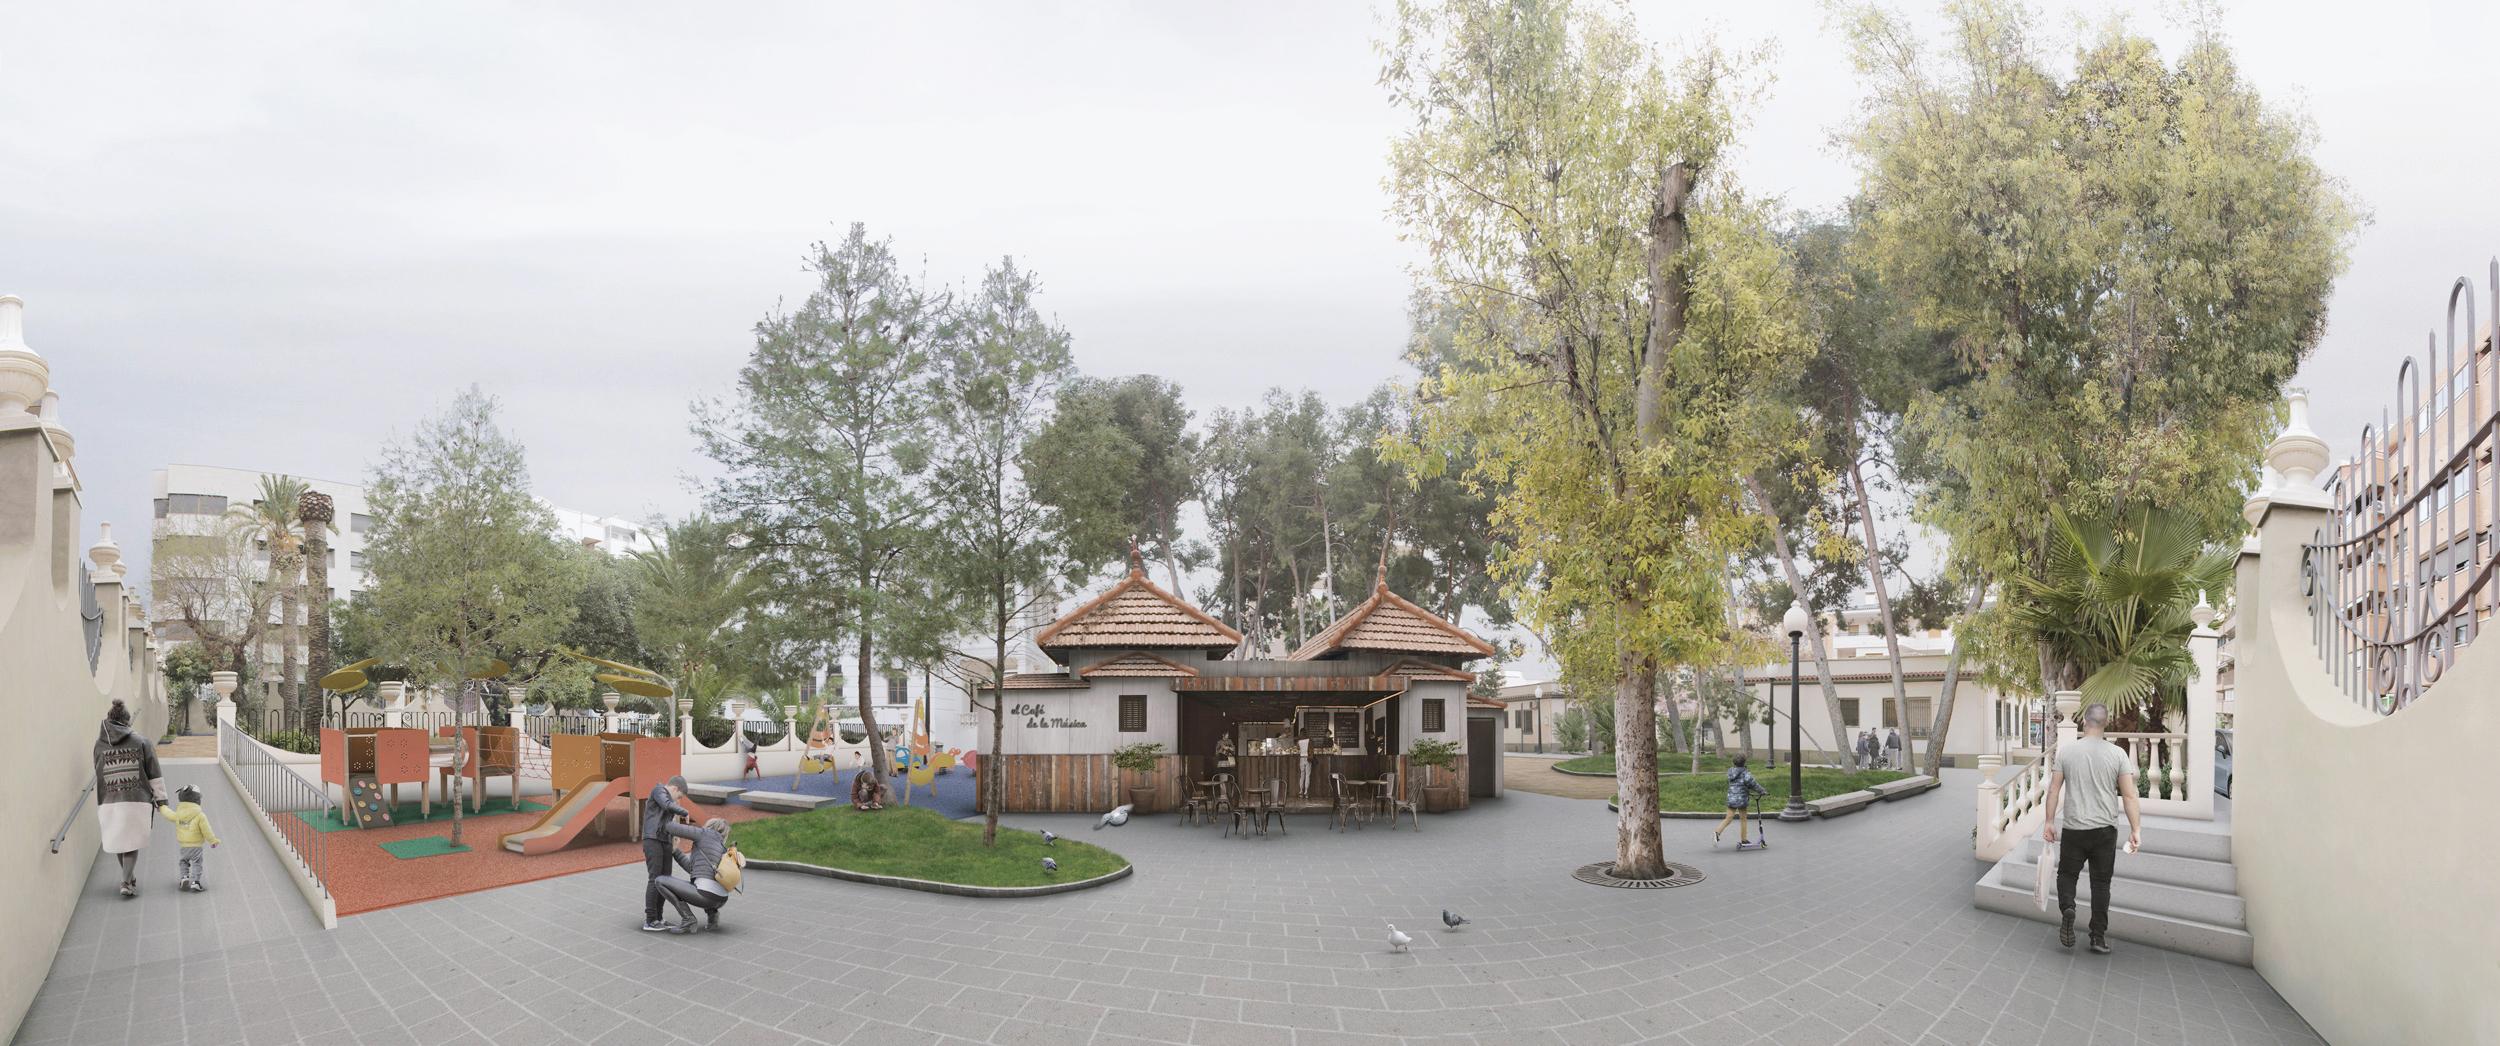 plan-director-jardin-de-la-musica-elda-casa-grande-04-cafeteria-kiosco-fotomontaje-render-visualizacion-montaje-panoramica-proyecto-propuesta.jpg